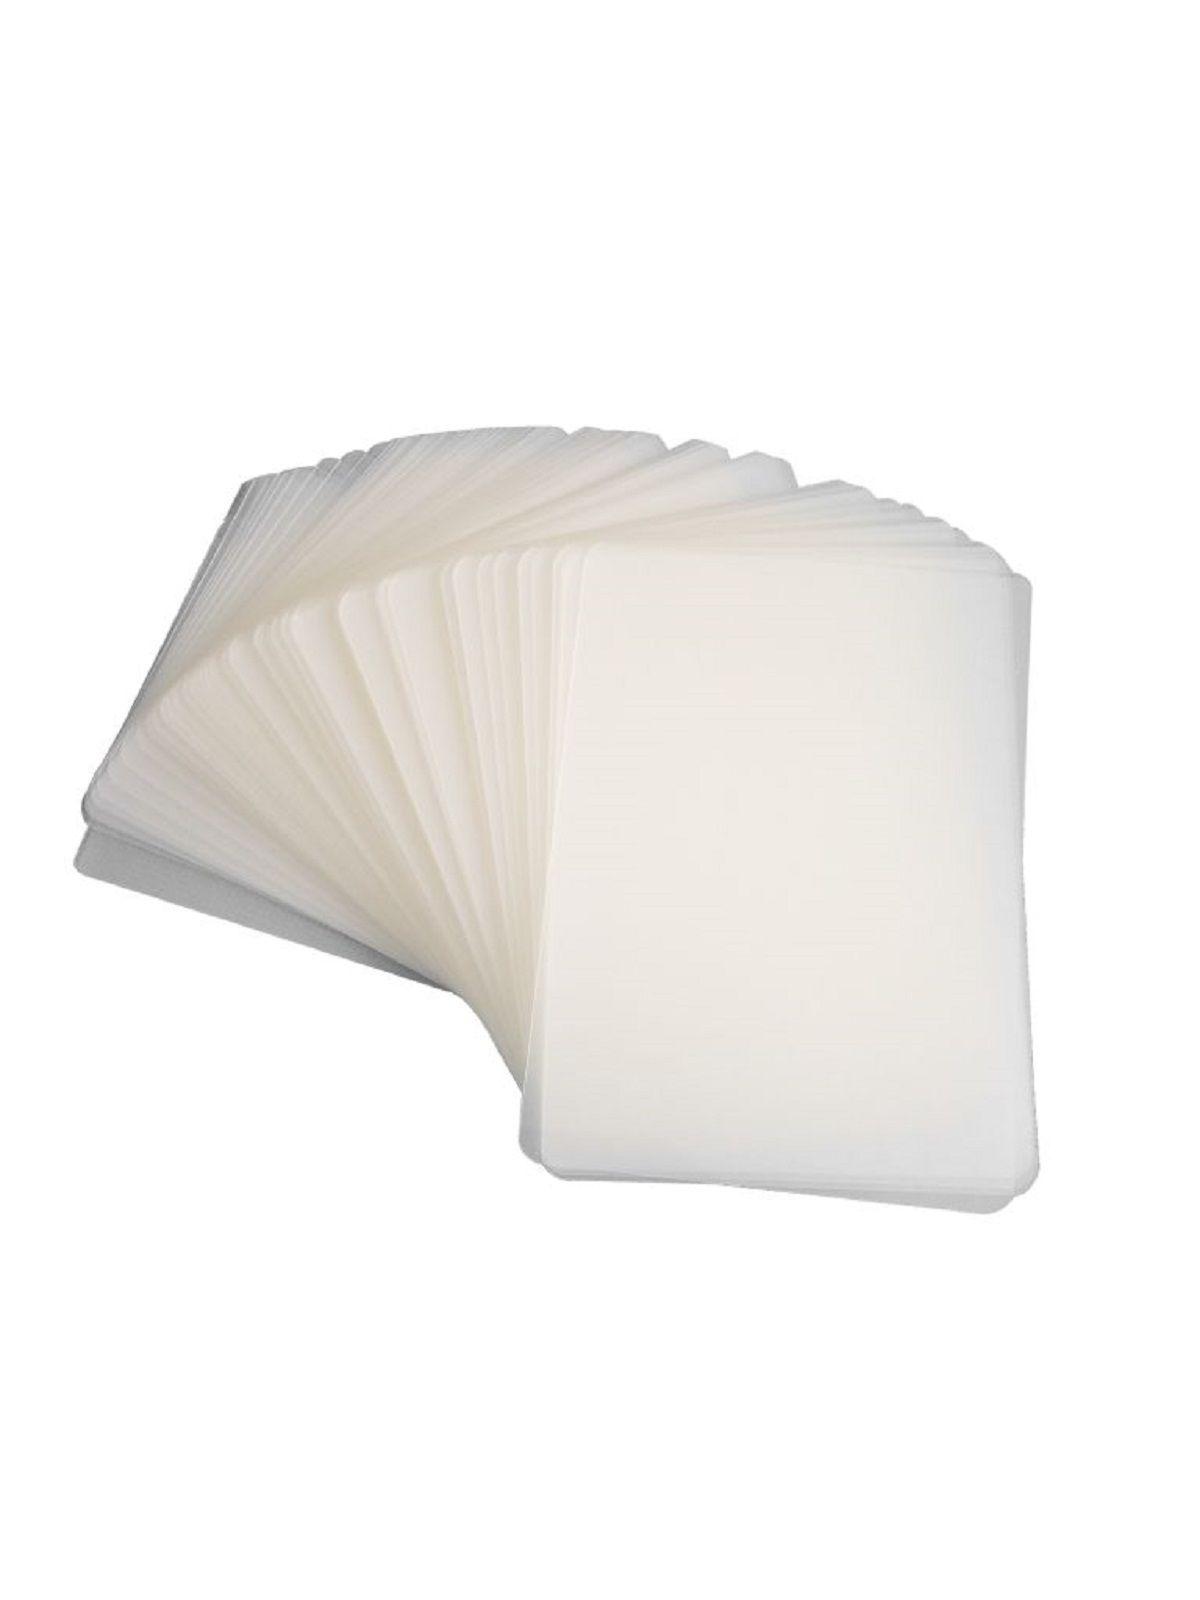 Polaseal para Plastificação CGC 110x170x0,07mm (175 micras) - Pacote com 100 unidades  - Click Suprimentos